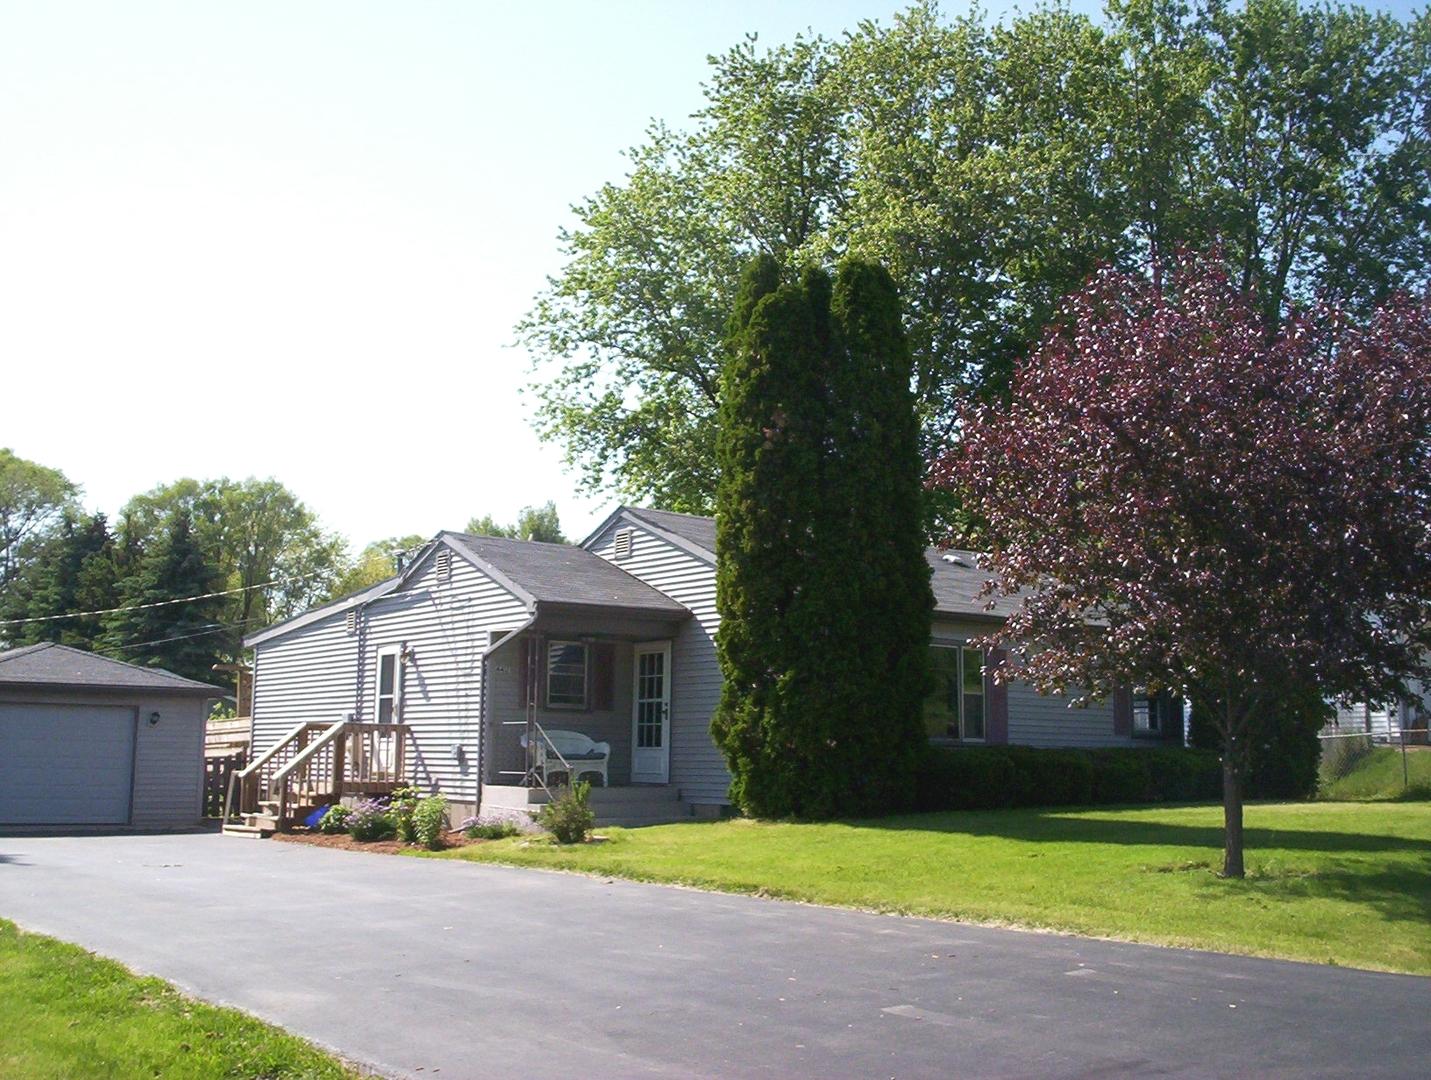 4417 Poplarleaf Drive, Mchenry IL 60050